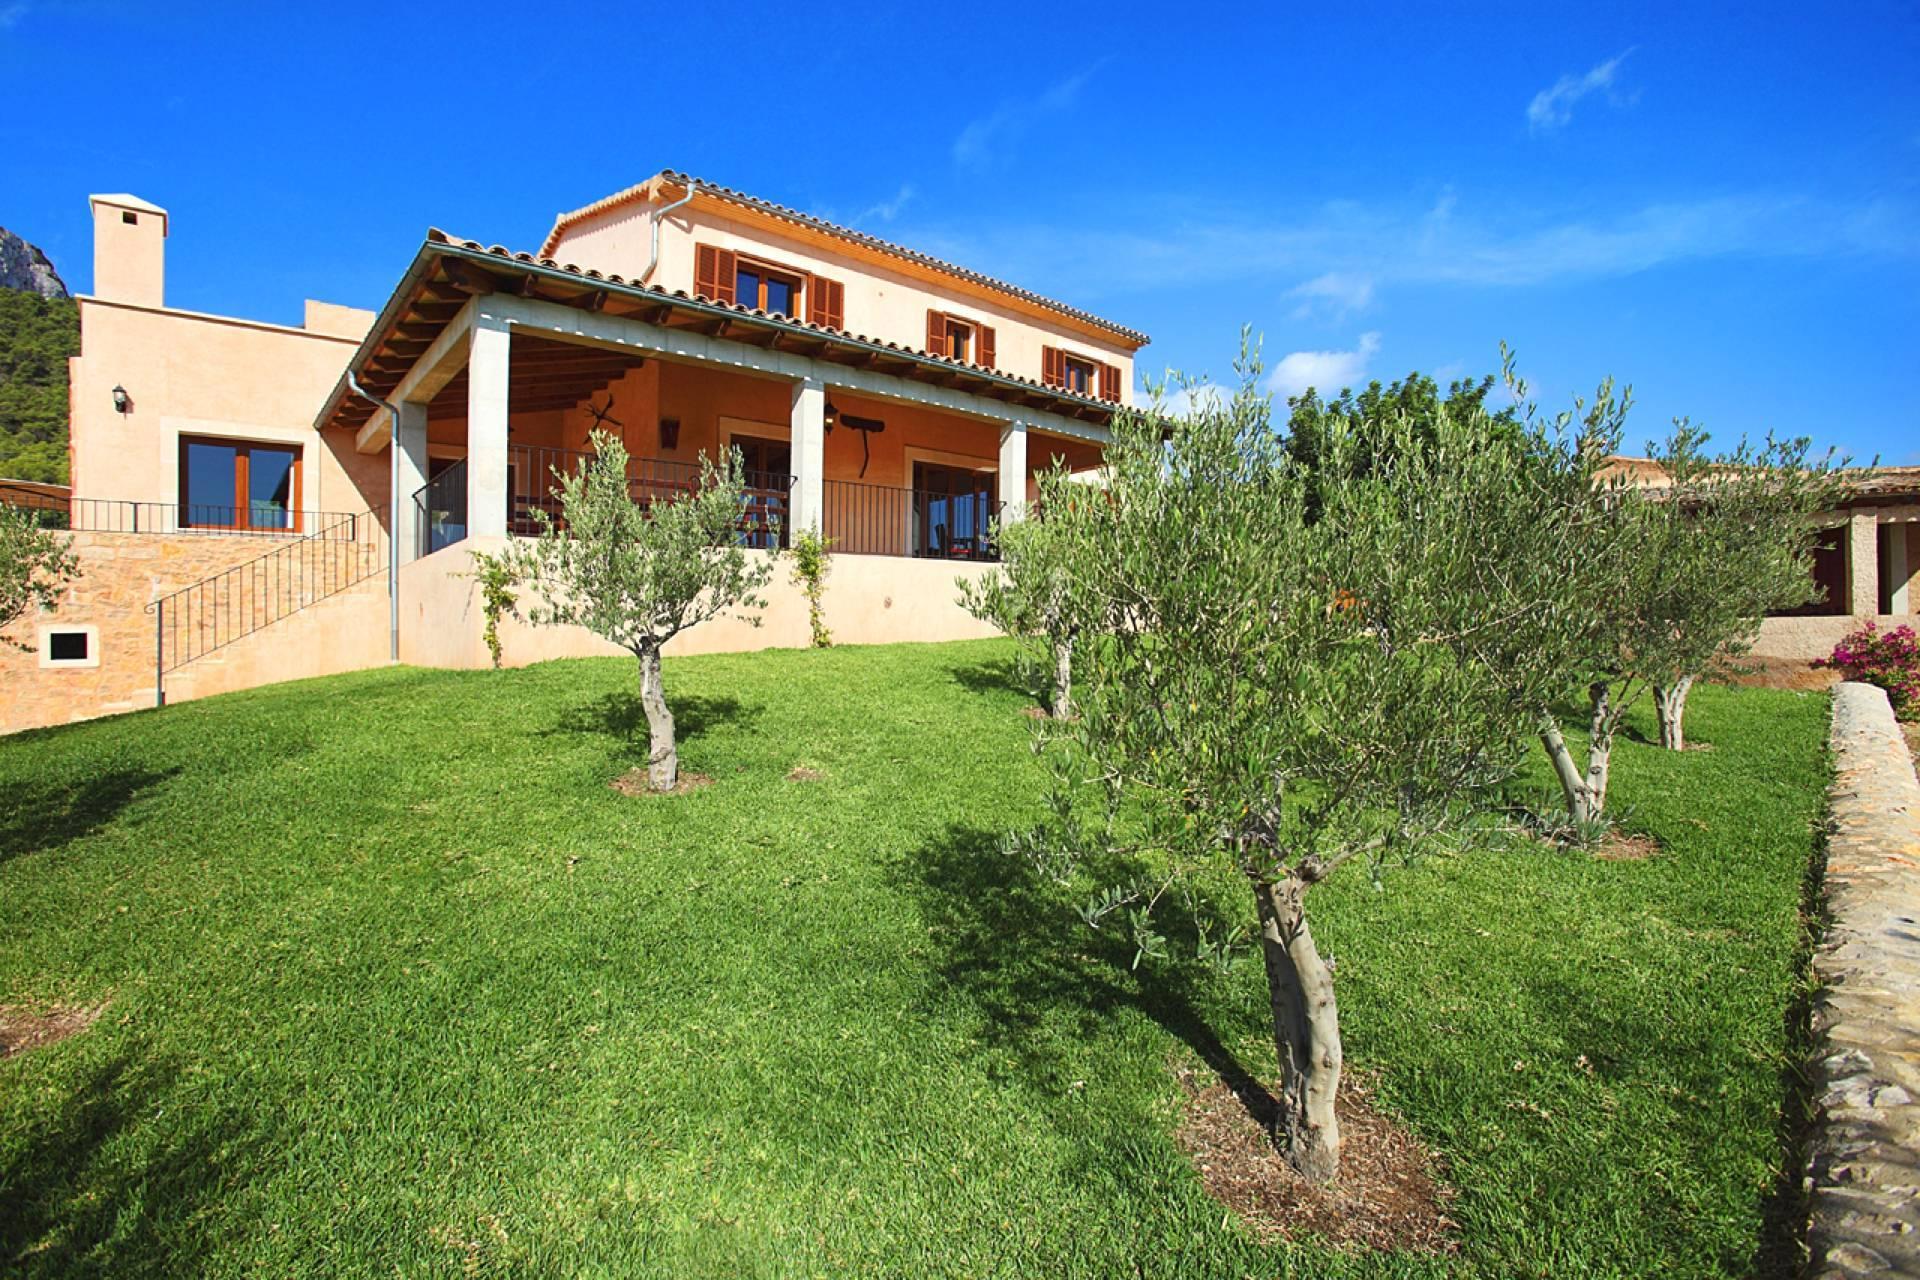 01-159 Ländliches Ferienhaus Mallorca Osten Bild 10